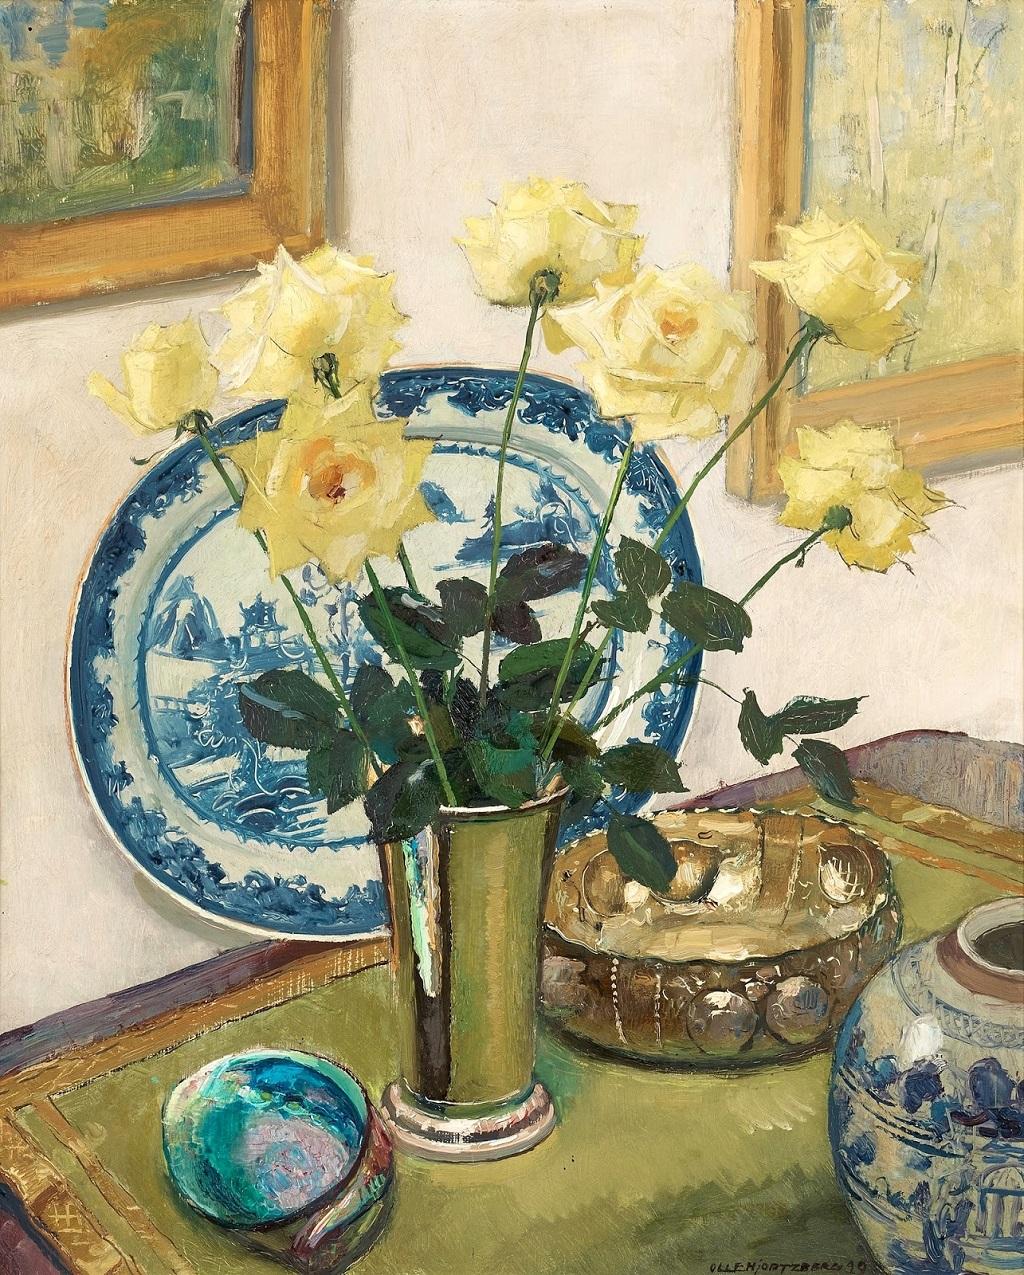 22-1949_Натюрморт с желтыми розами и китайским фарфором_73 x 60_д.,м._Частное собрание.jpg